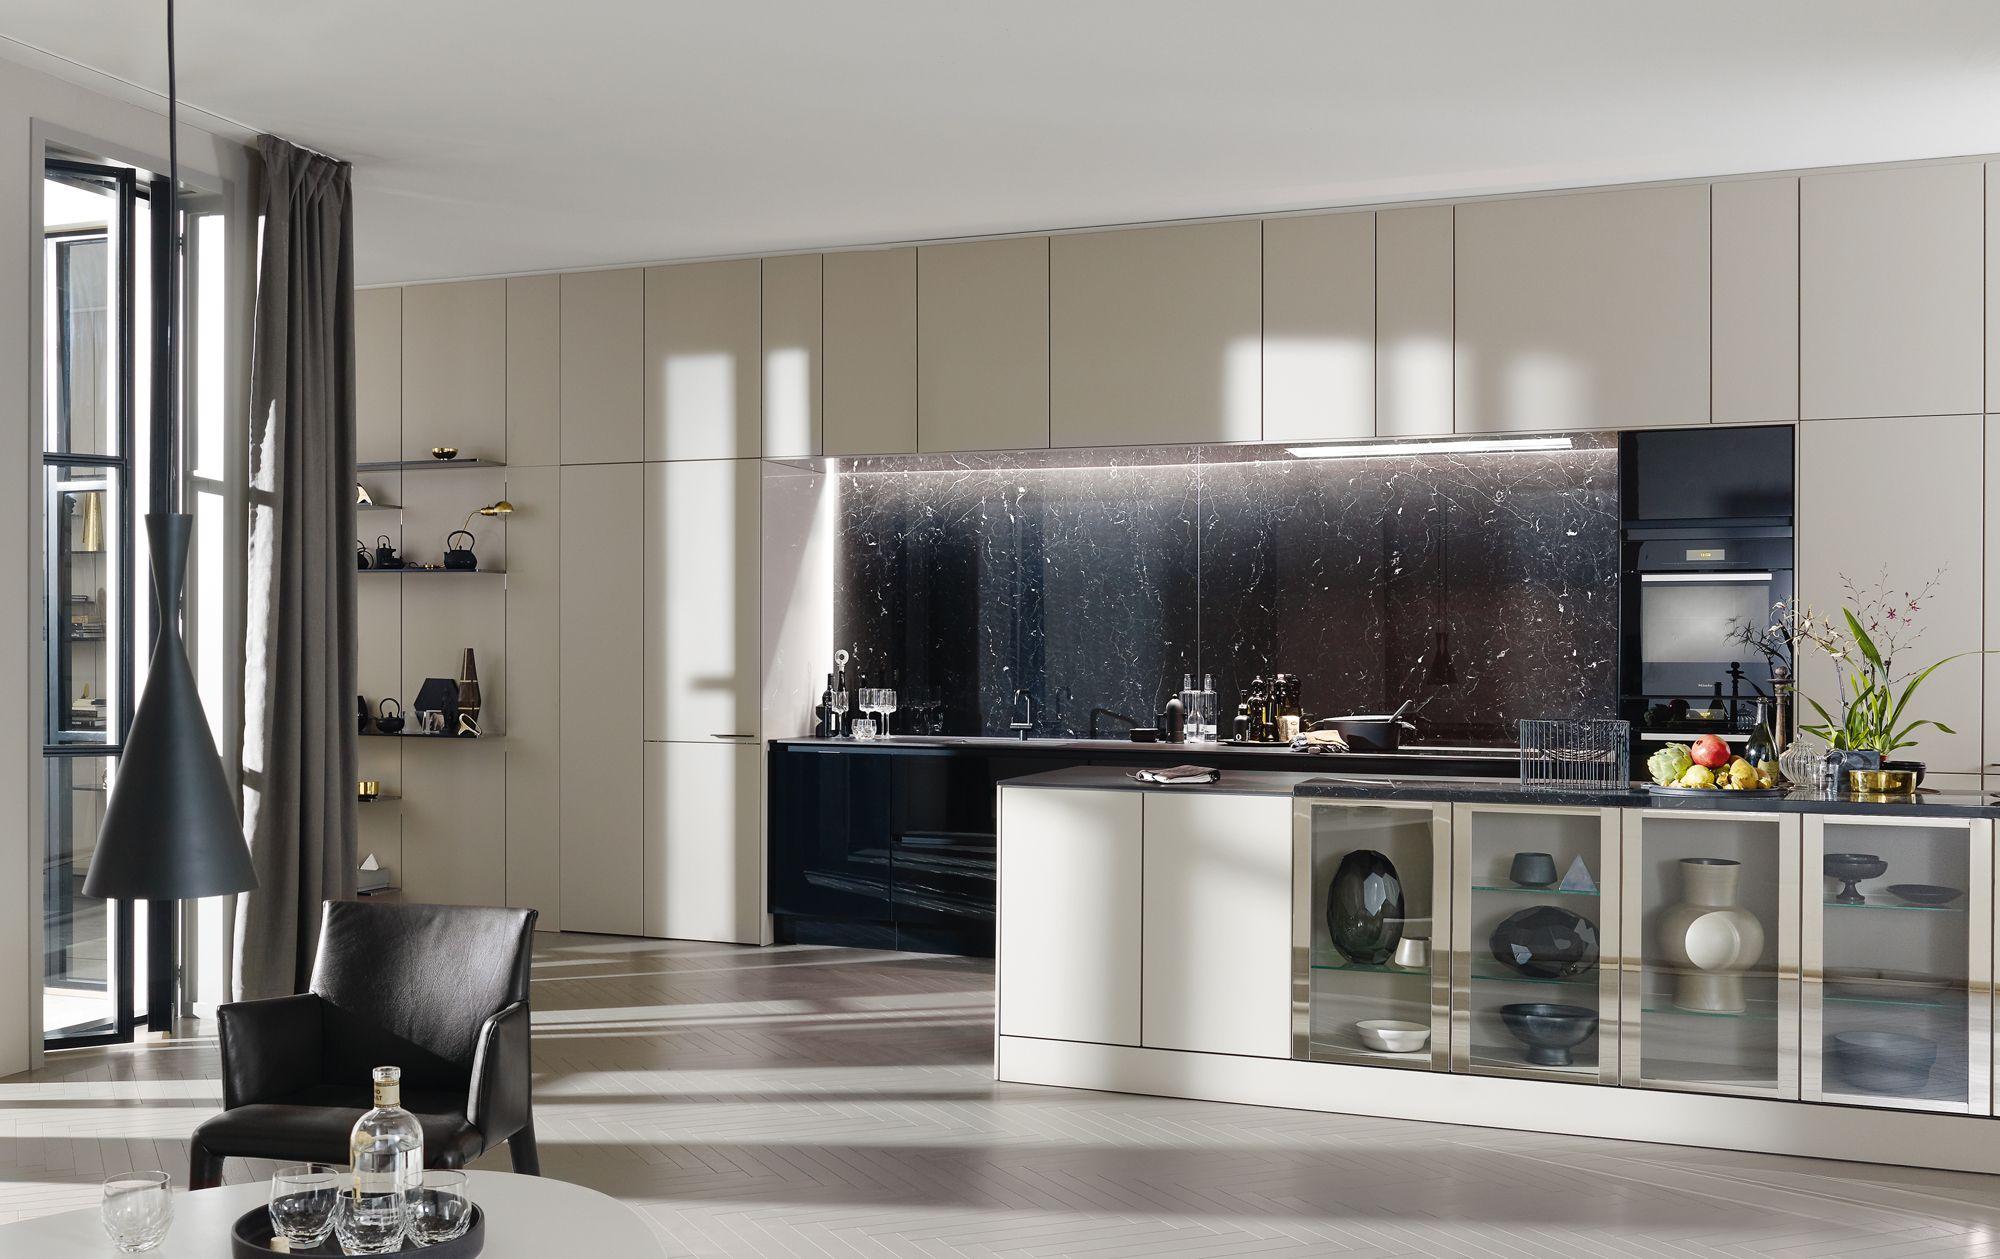 Keukens Zwartwit Nieuwenhuizen : Keukens merken merken